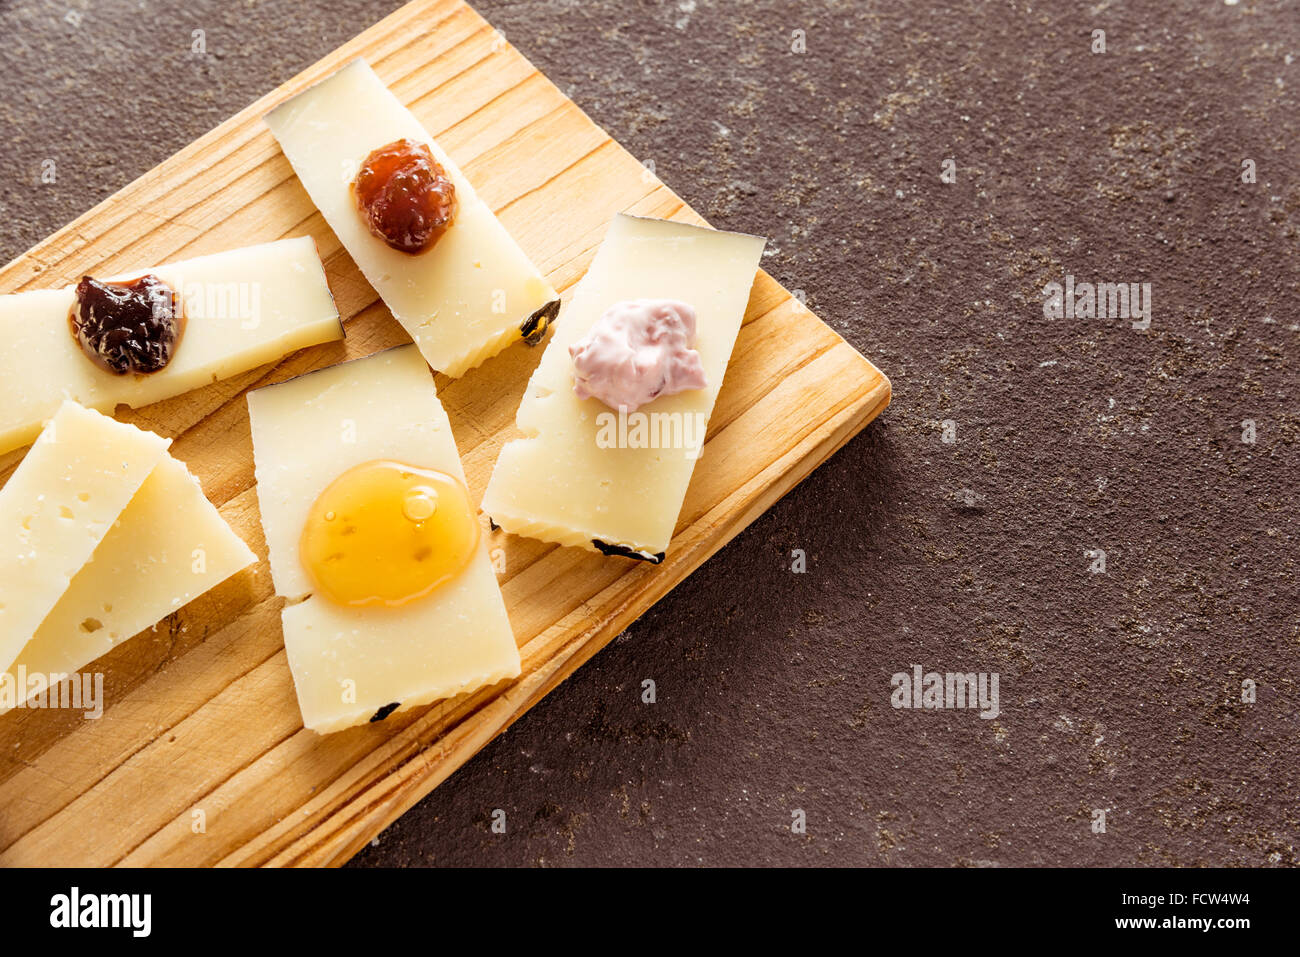 Eine Komposition aus italienischen Pecorino Käsescheiben mit Marmeladen von verschiedenen Geschmacksrichtungen Stockbild